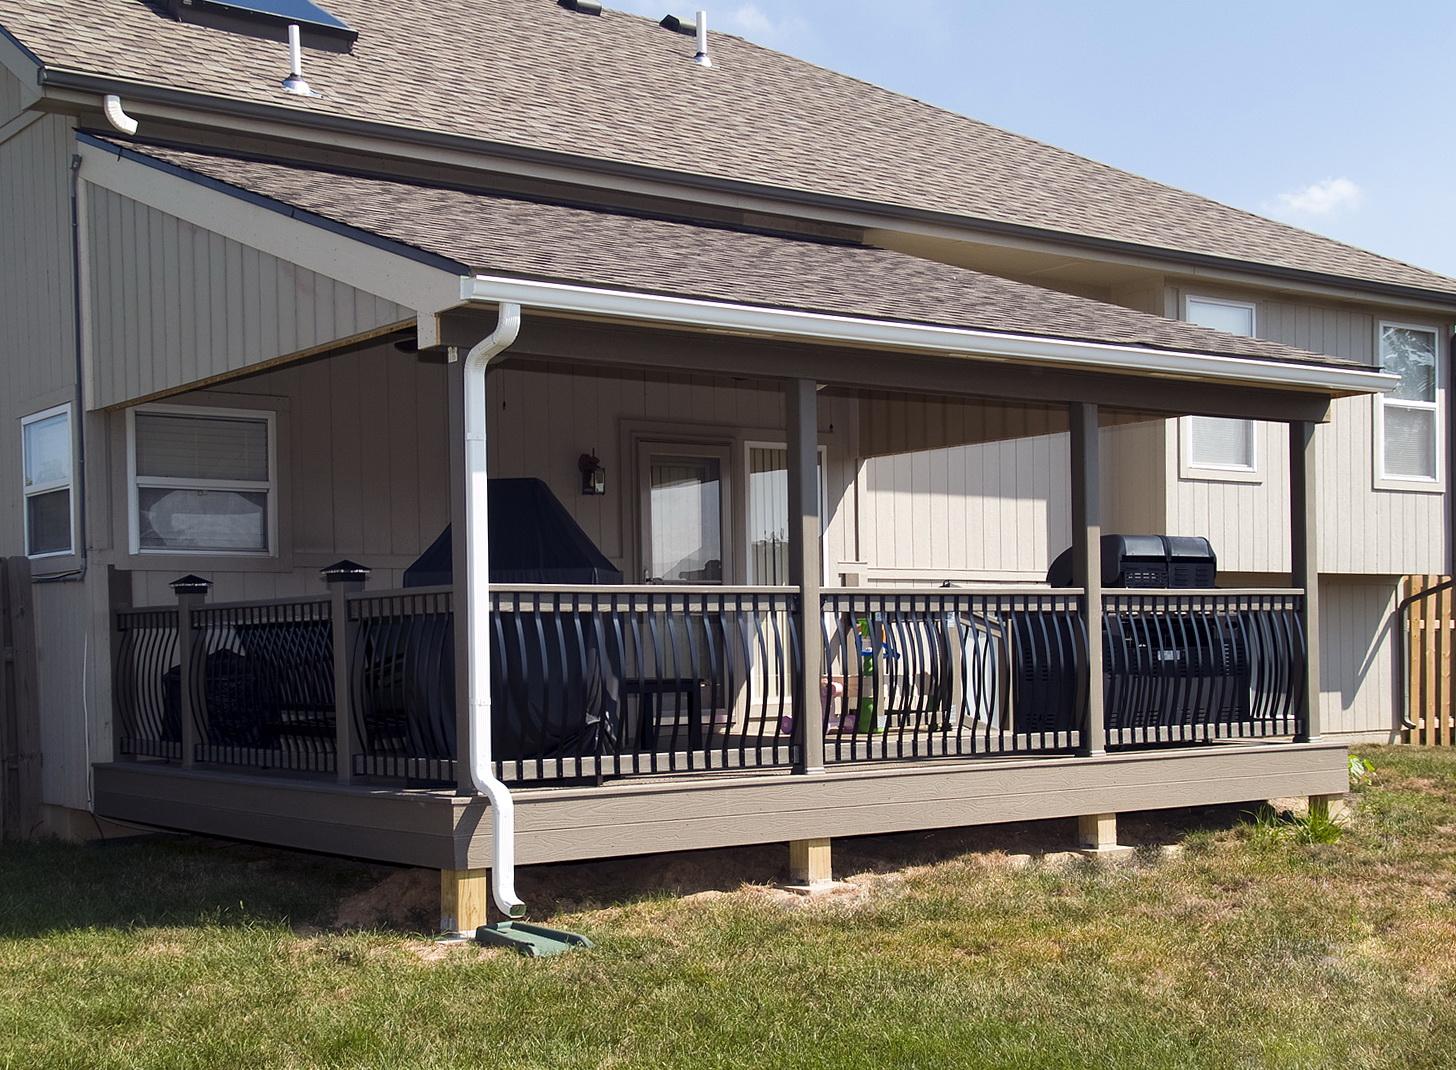 Covered Decks And Porches Home Design Ideas